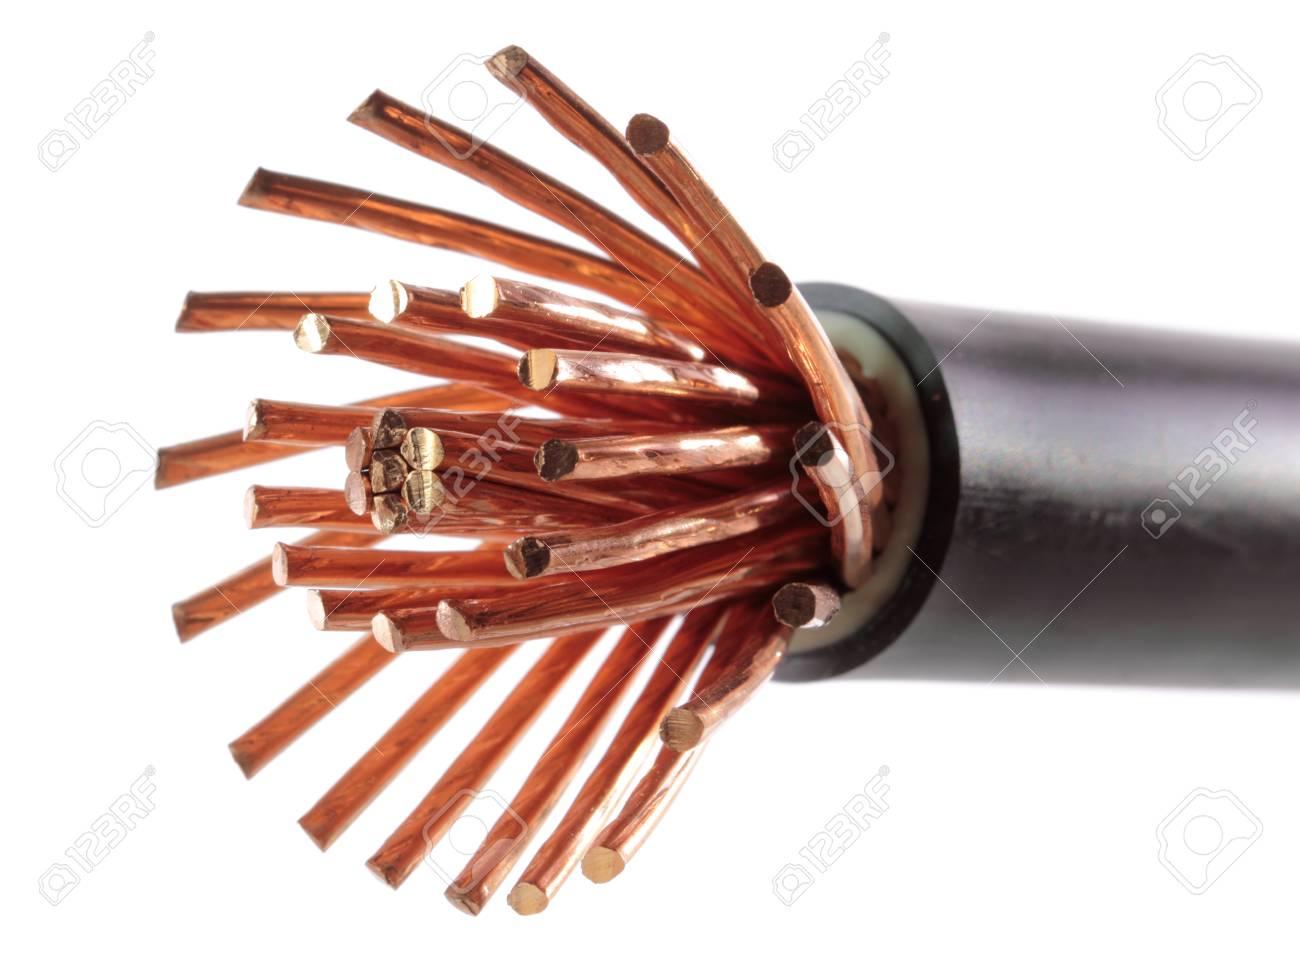 Das Geklärte Kupfer Stromkabel Lizenzfreie Fotos, Bilder Und Stock ...